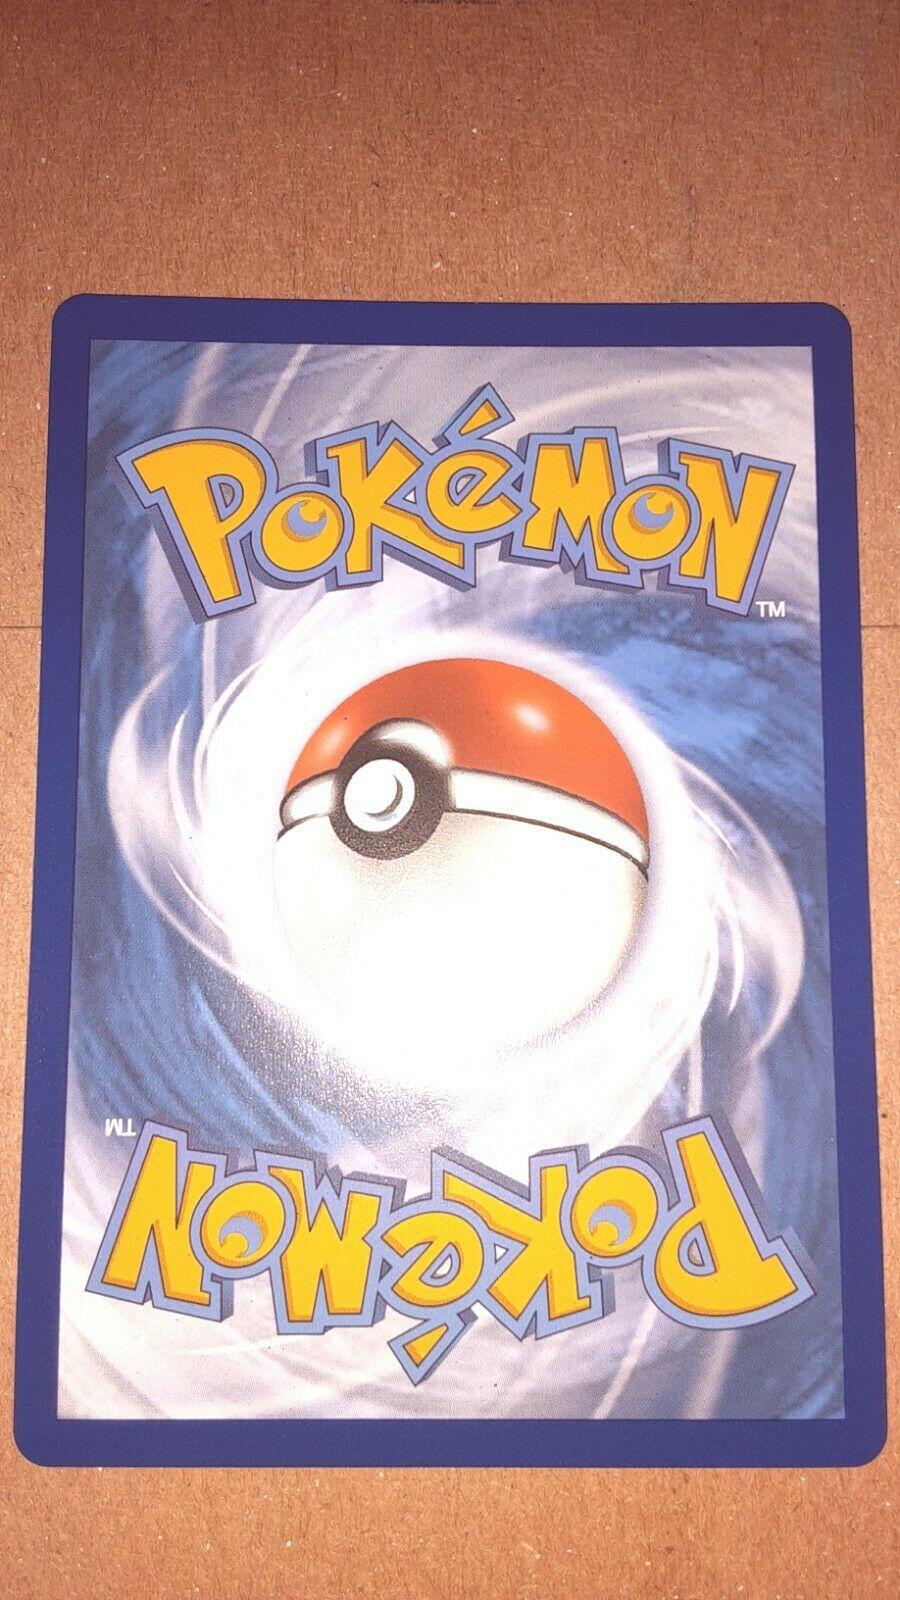 Pokemon TCG Chilling Reign Blaziken VMAX Full Art #021/198 - Image 2